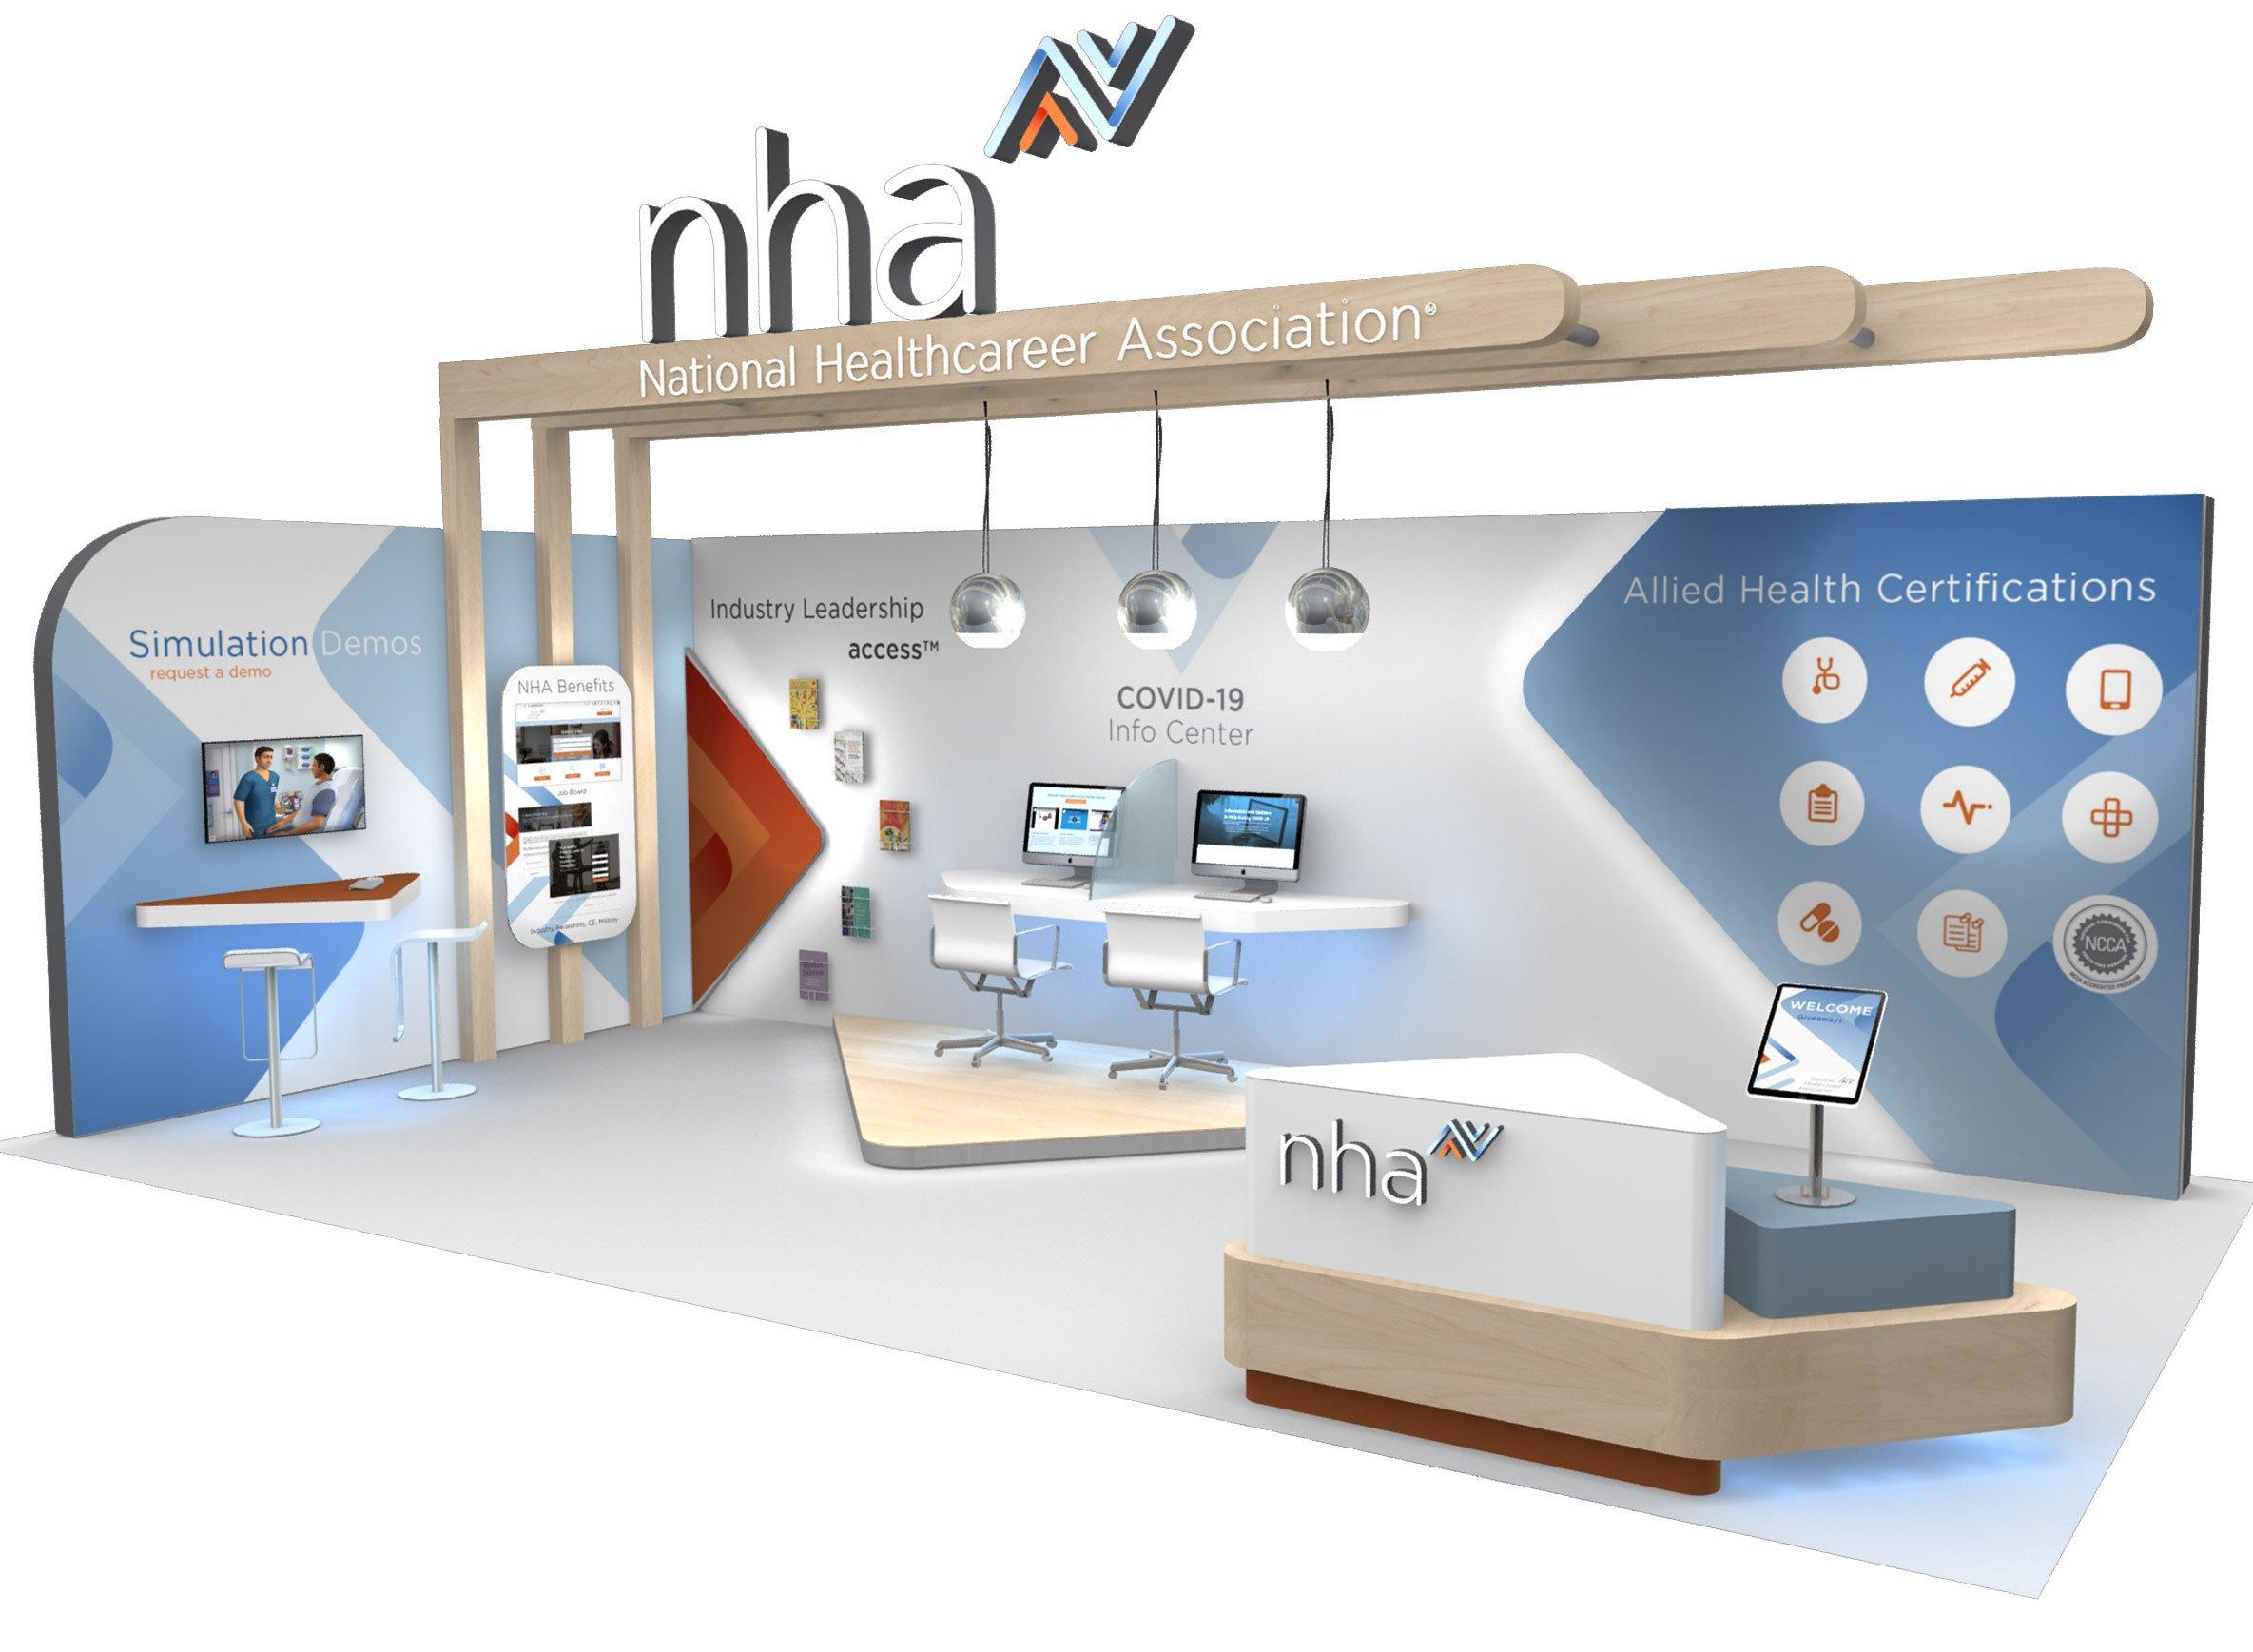 nha-FINAL-render